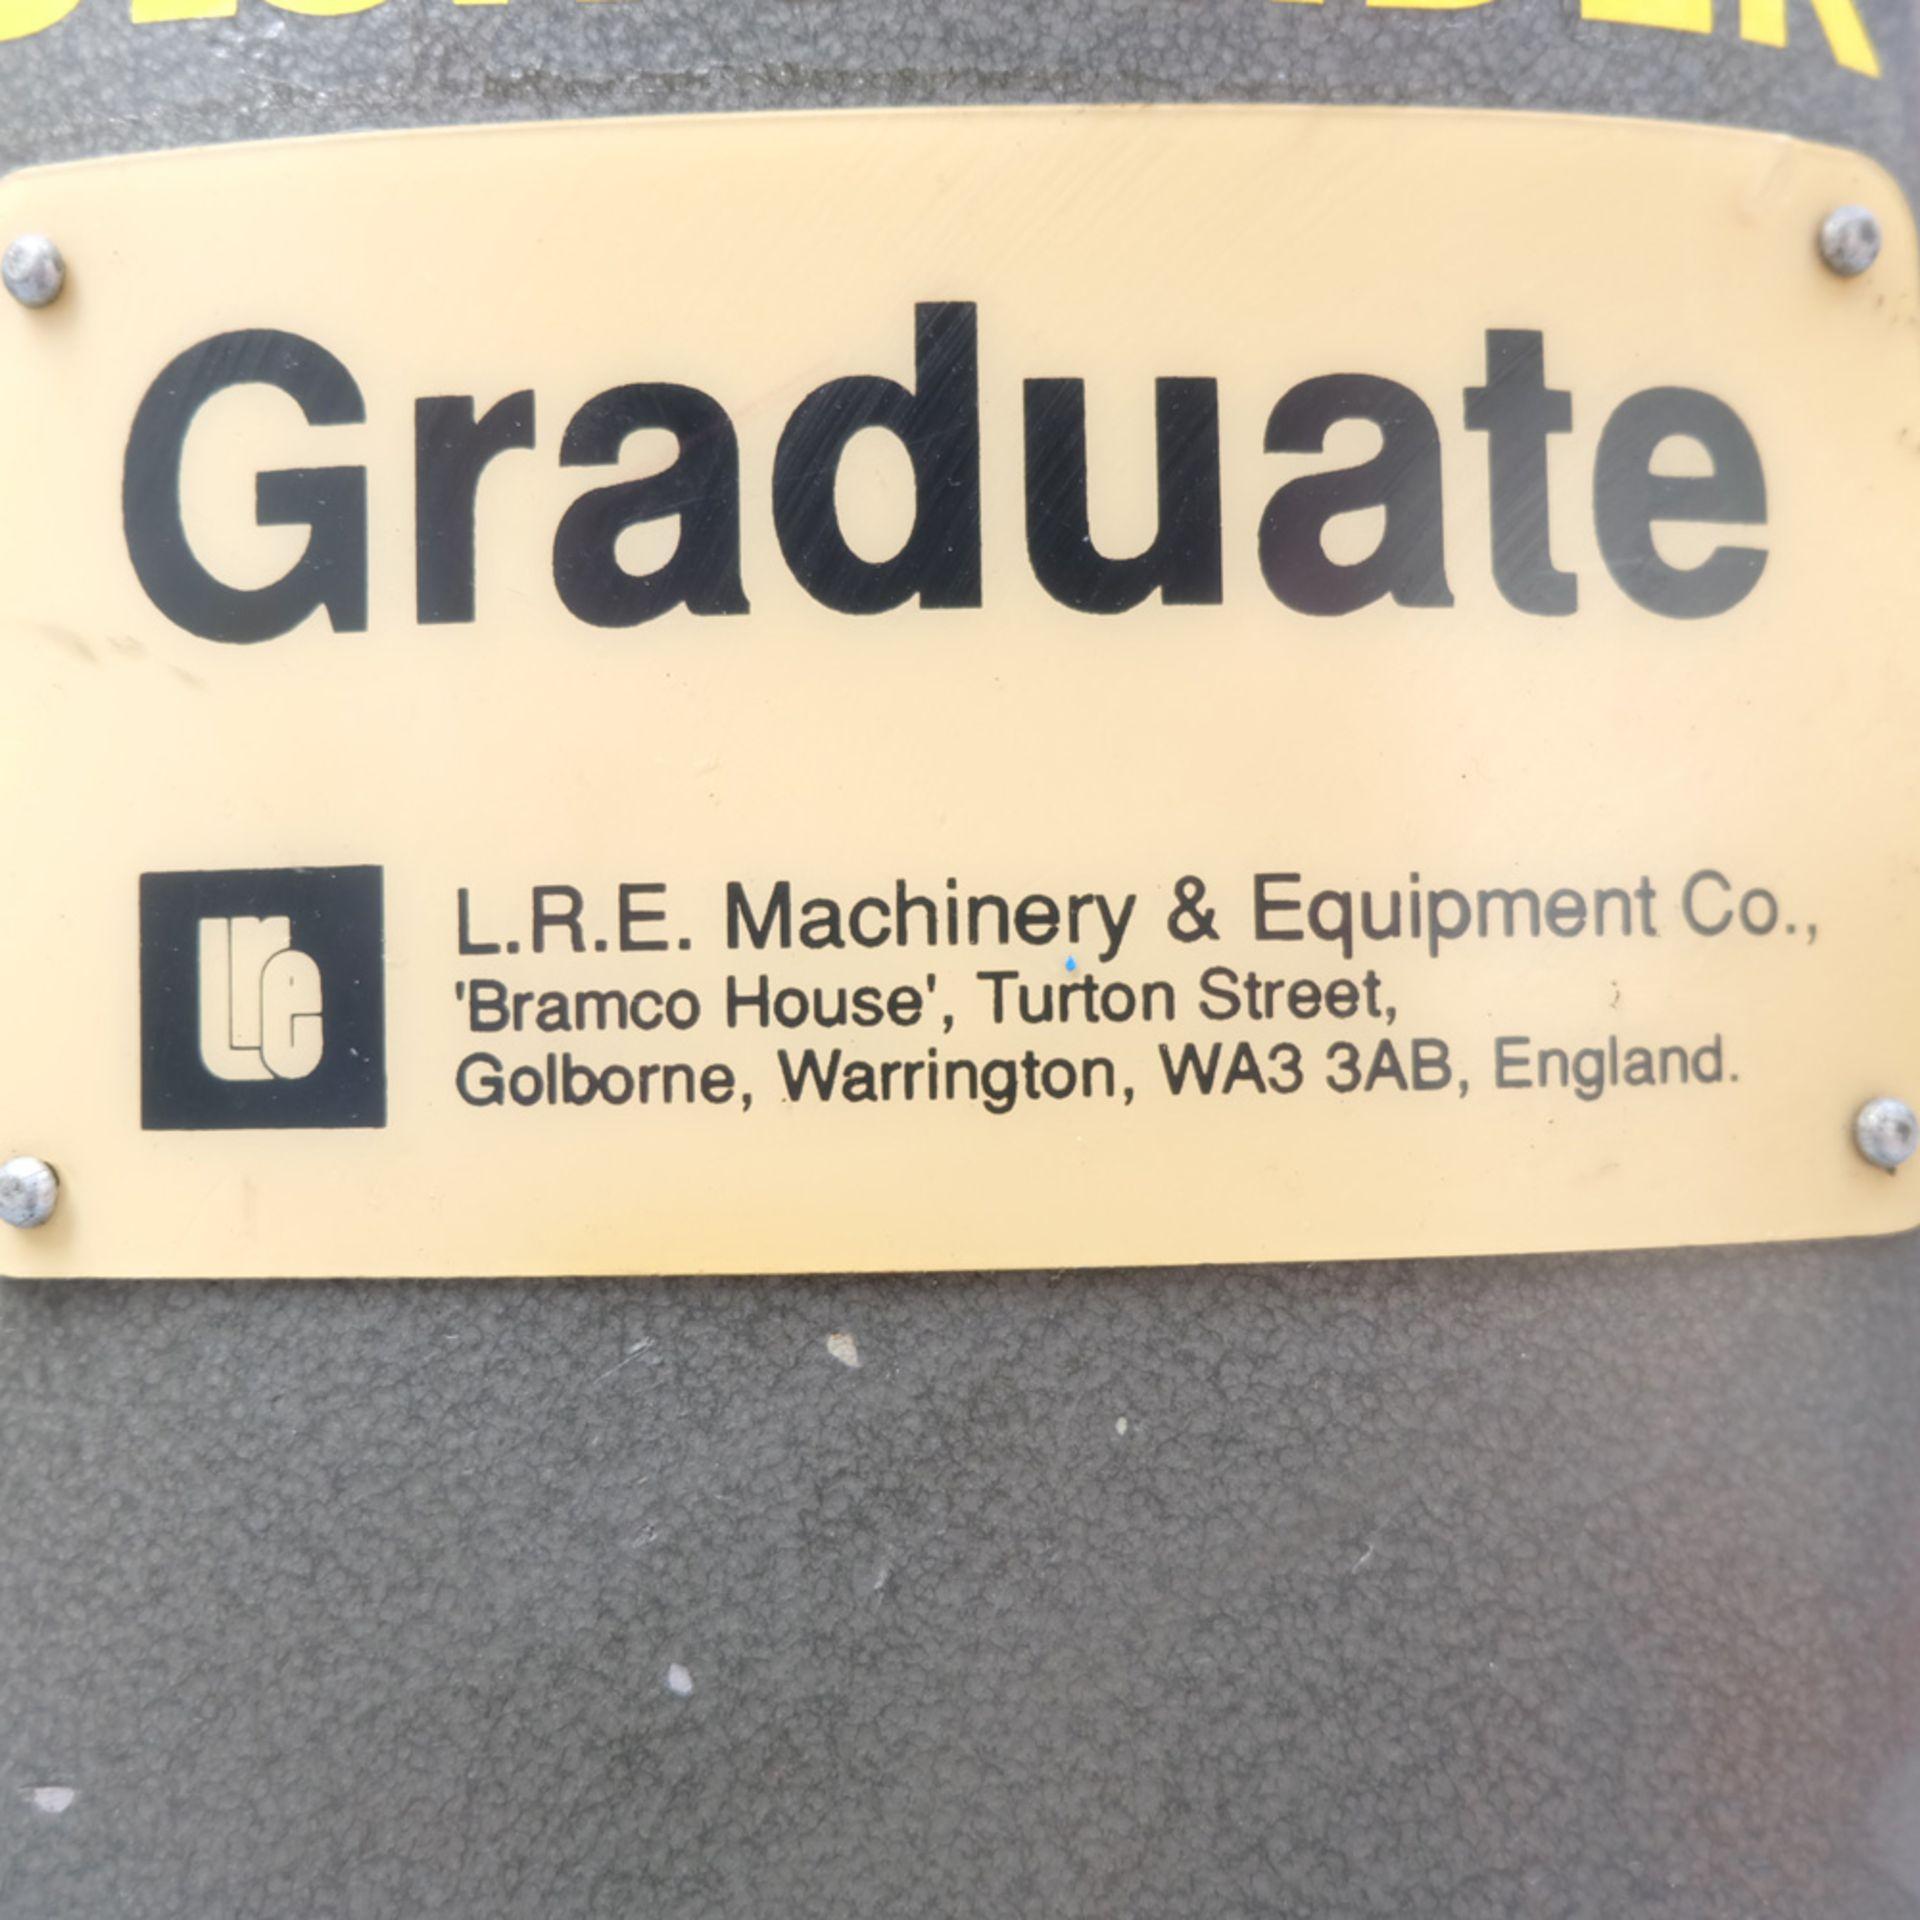 Harrison Union Graduate Short Bed Wood Lathe. - Image 8 of 8